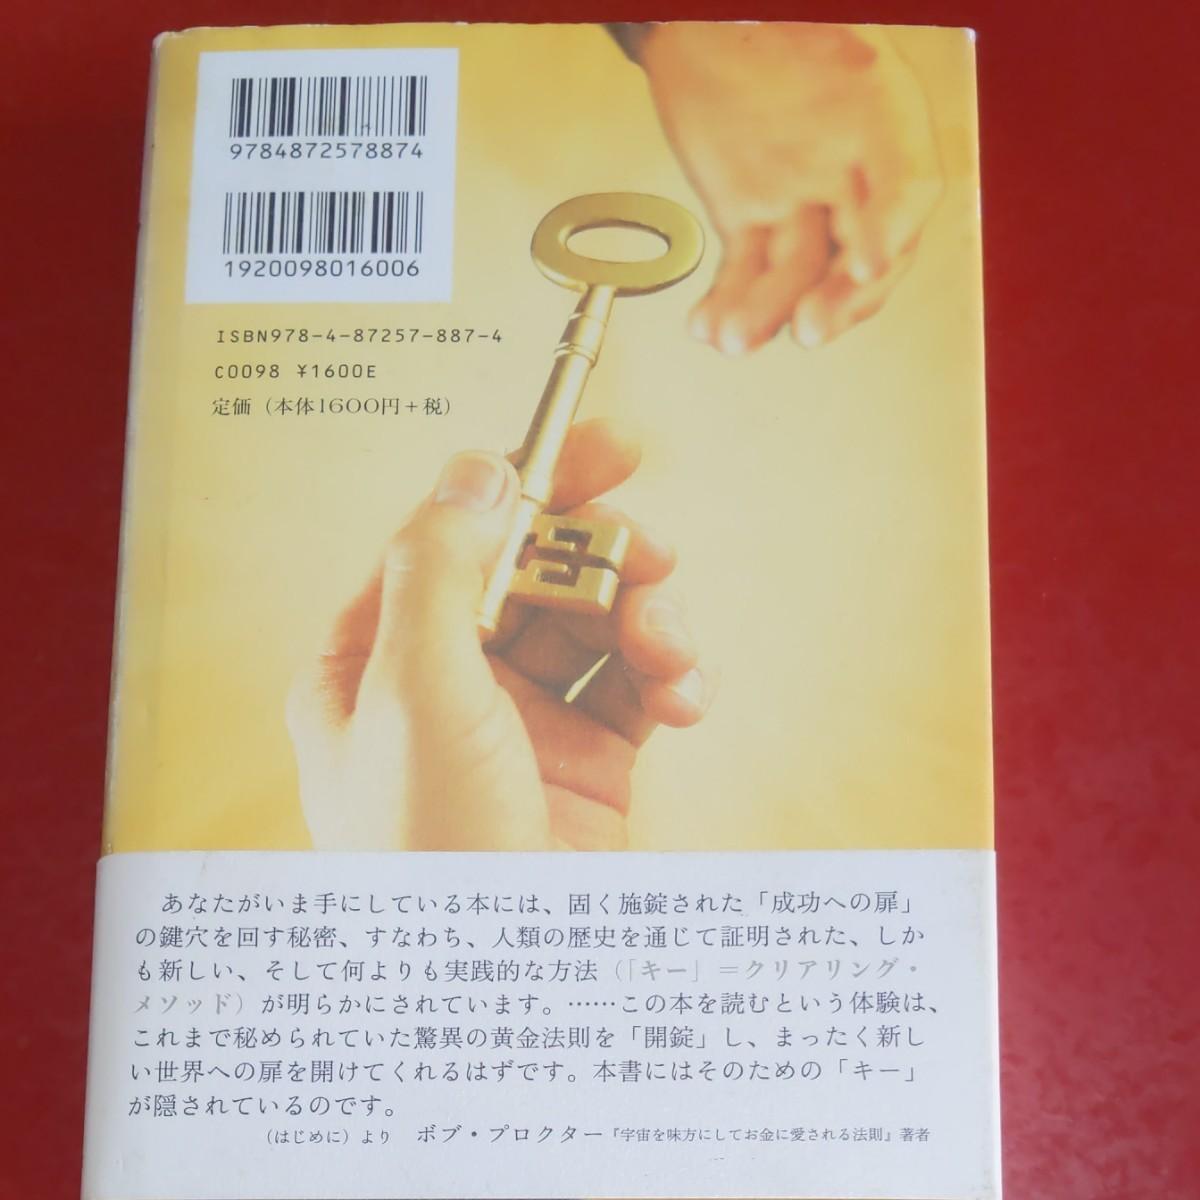 自己啓発 ザ・キー ついに解錠される成功の黄金法則